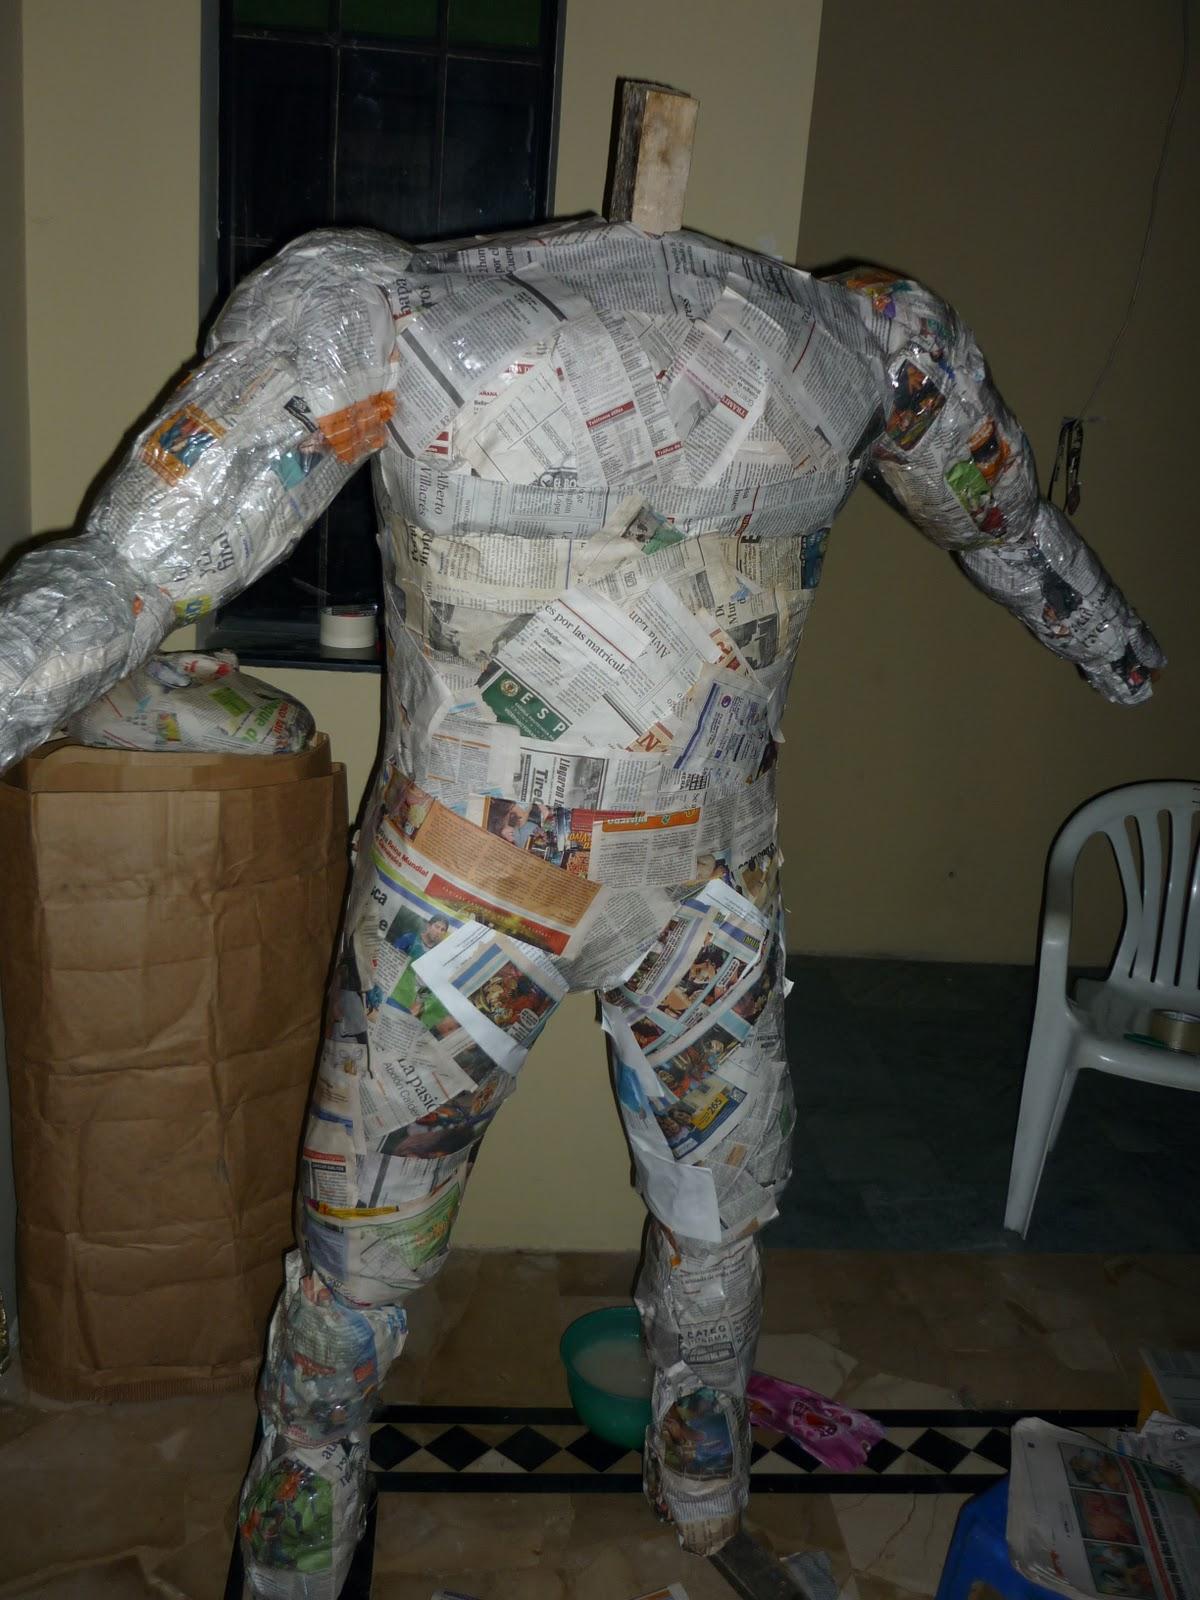 bolas de papel arugado el papel para dar forma a los brazos con